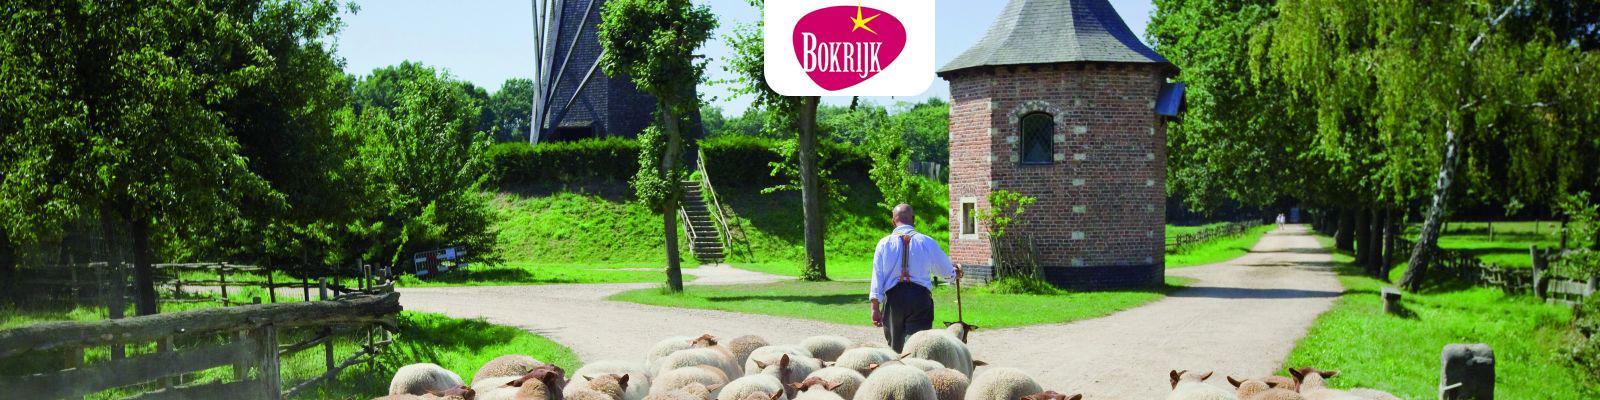 Bokrijk herder